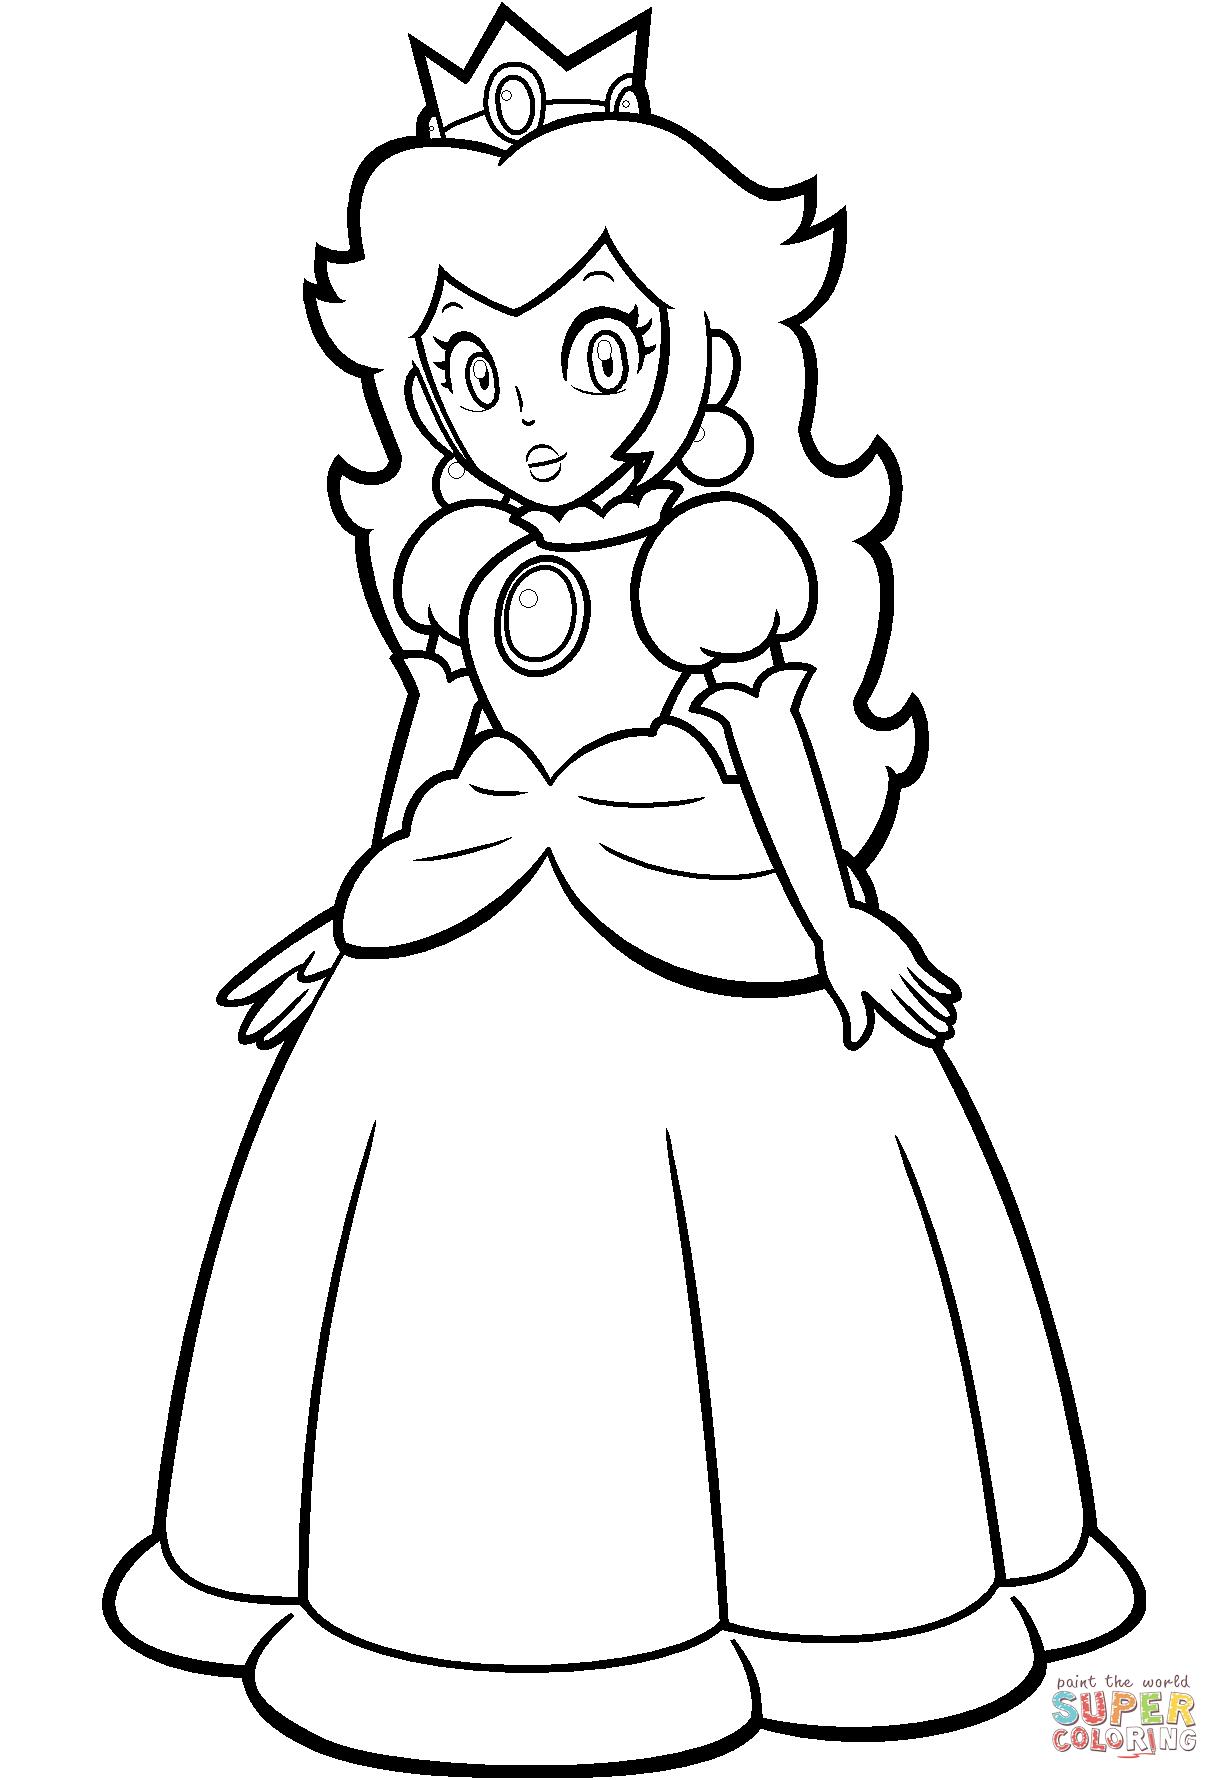 1220x1780 Princess Peach Mario Kart Coloring Pages Free Coloring Sheets